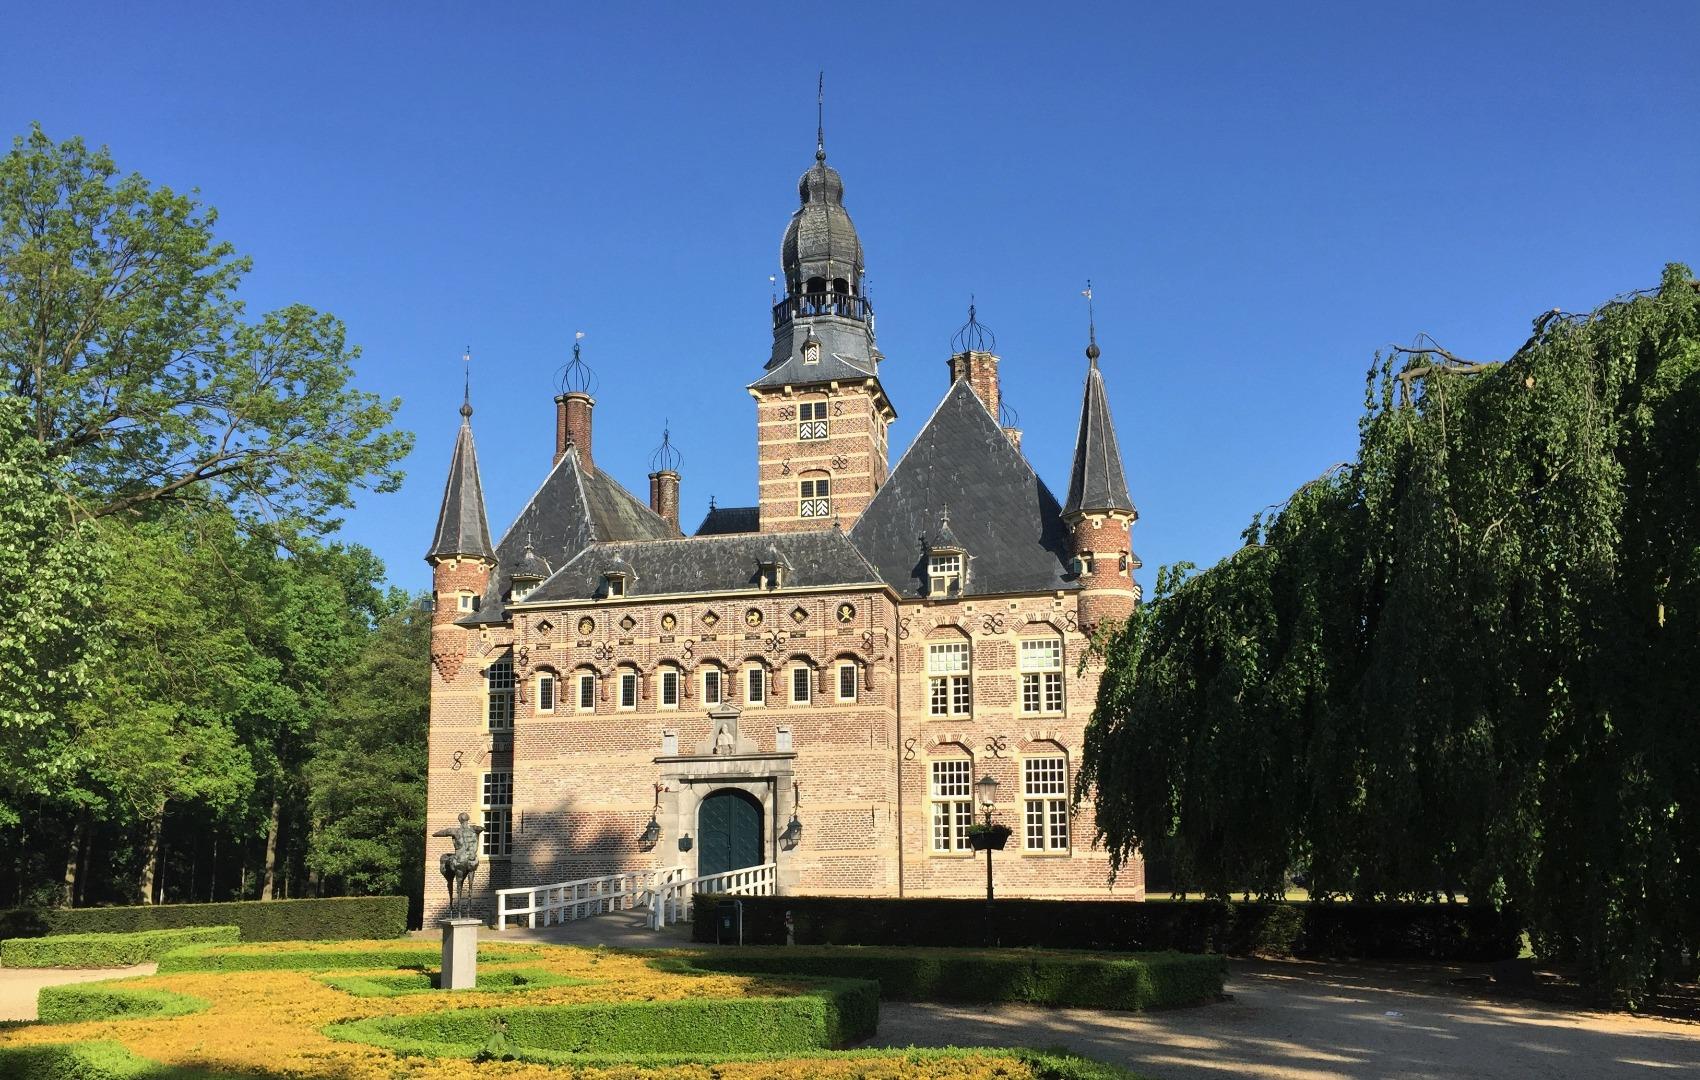 Kasteel Wijchen - Stichting Vrienden Museum Kasteel Wijchen